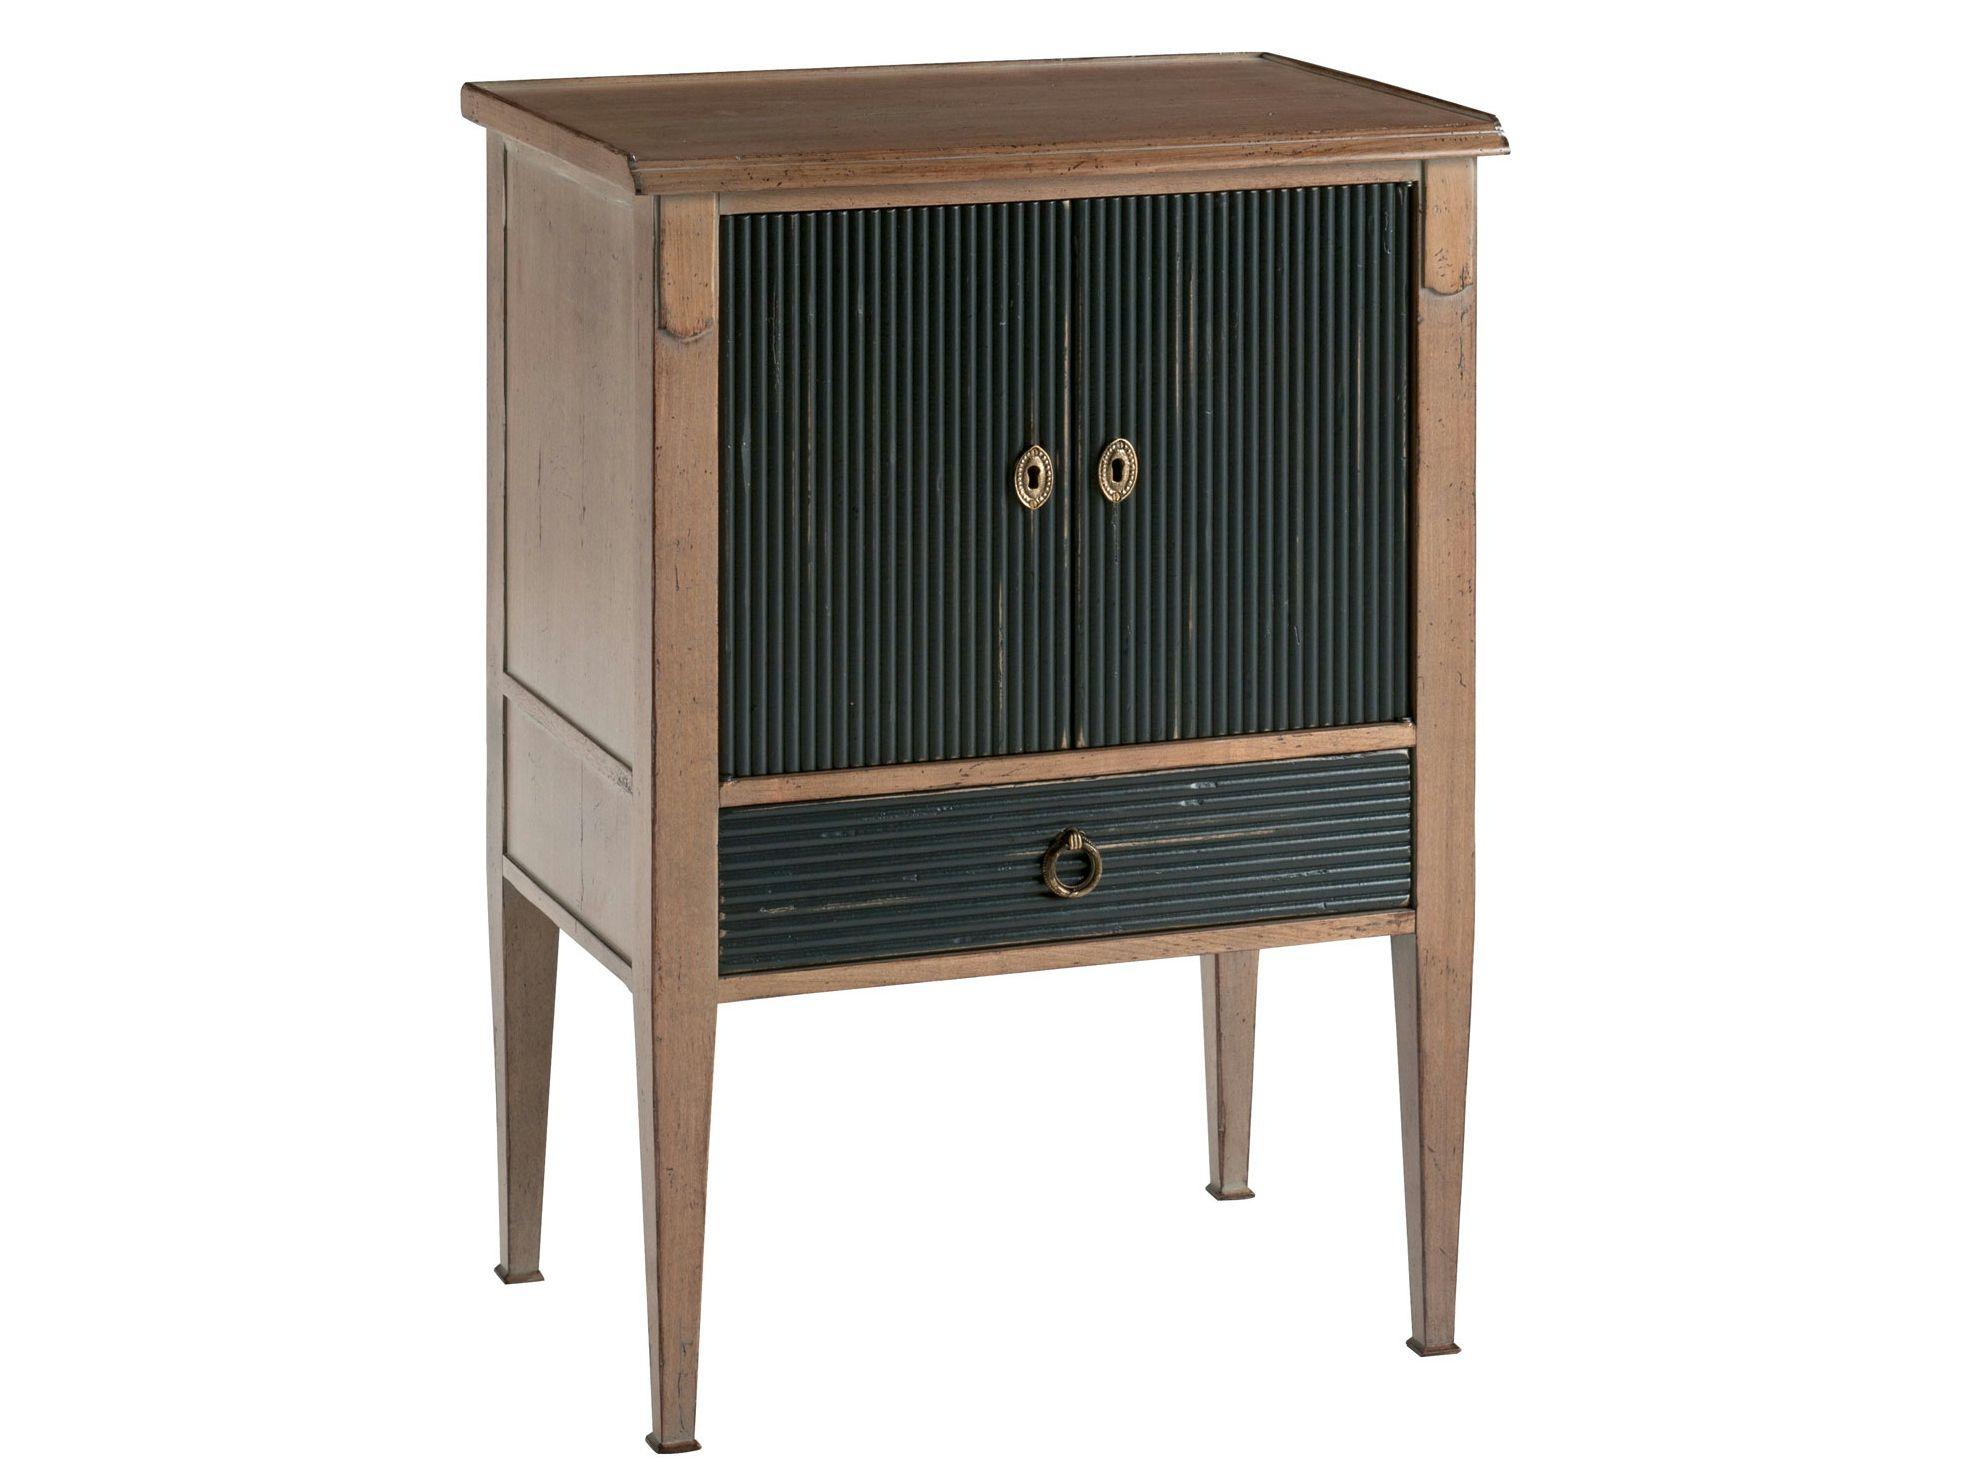 Table de nuit en bois avec tiroirs beaulieu collection for Table de nuit en bois